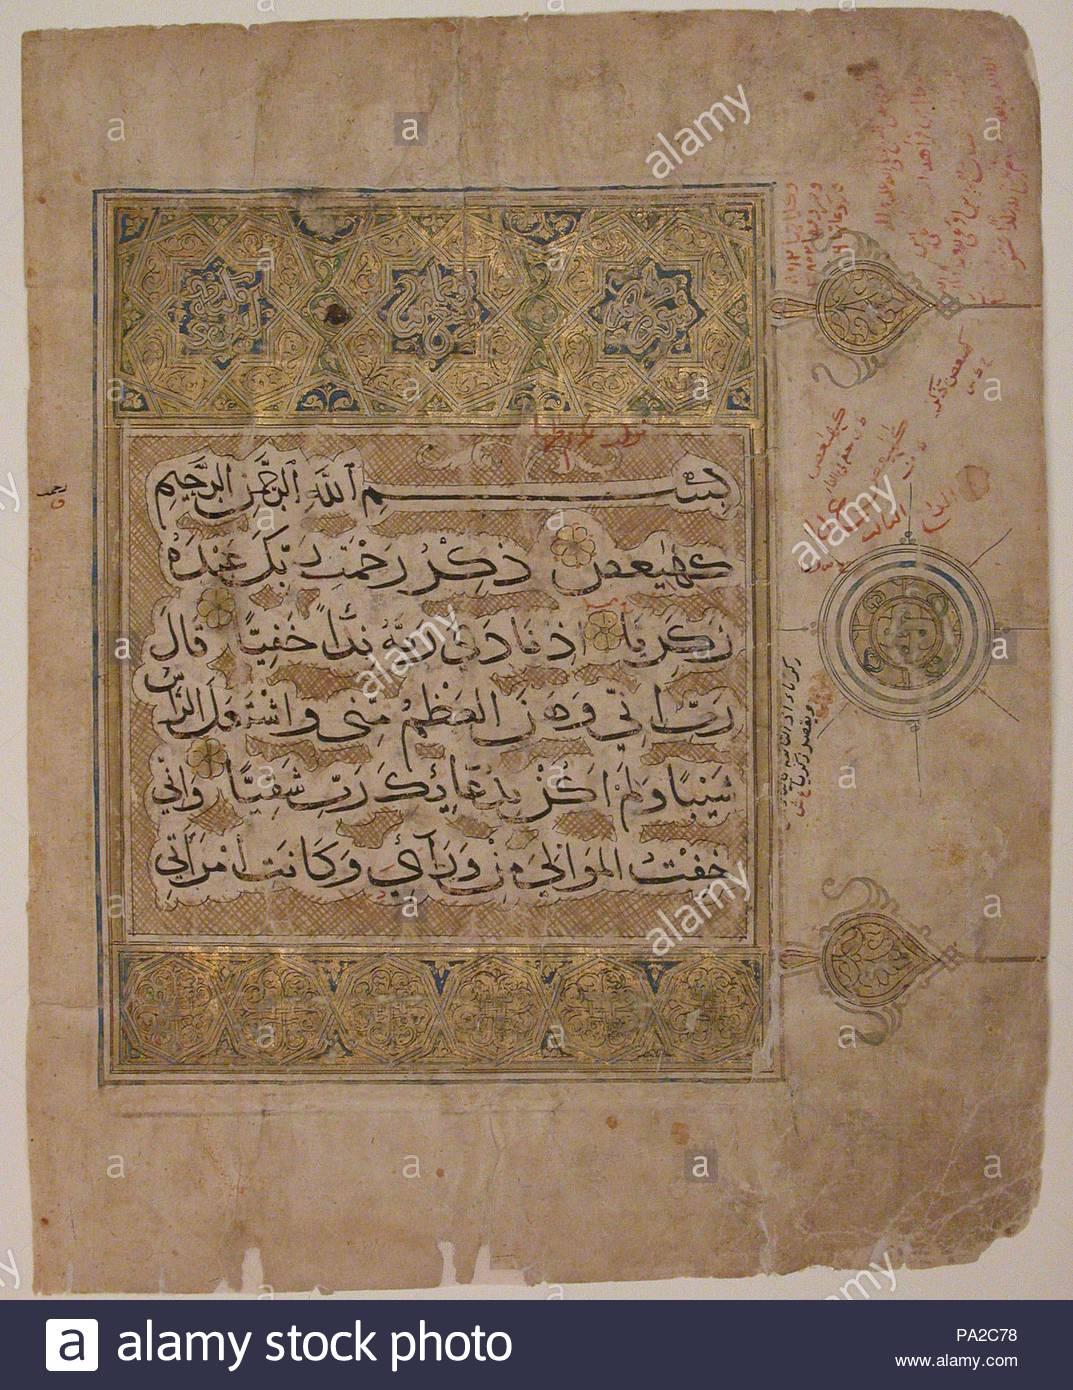 El Folio De Un Corán Manuscrito Con Versos De La Surat Al Maryam